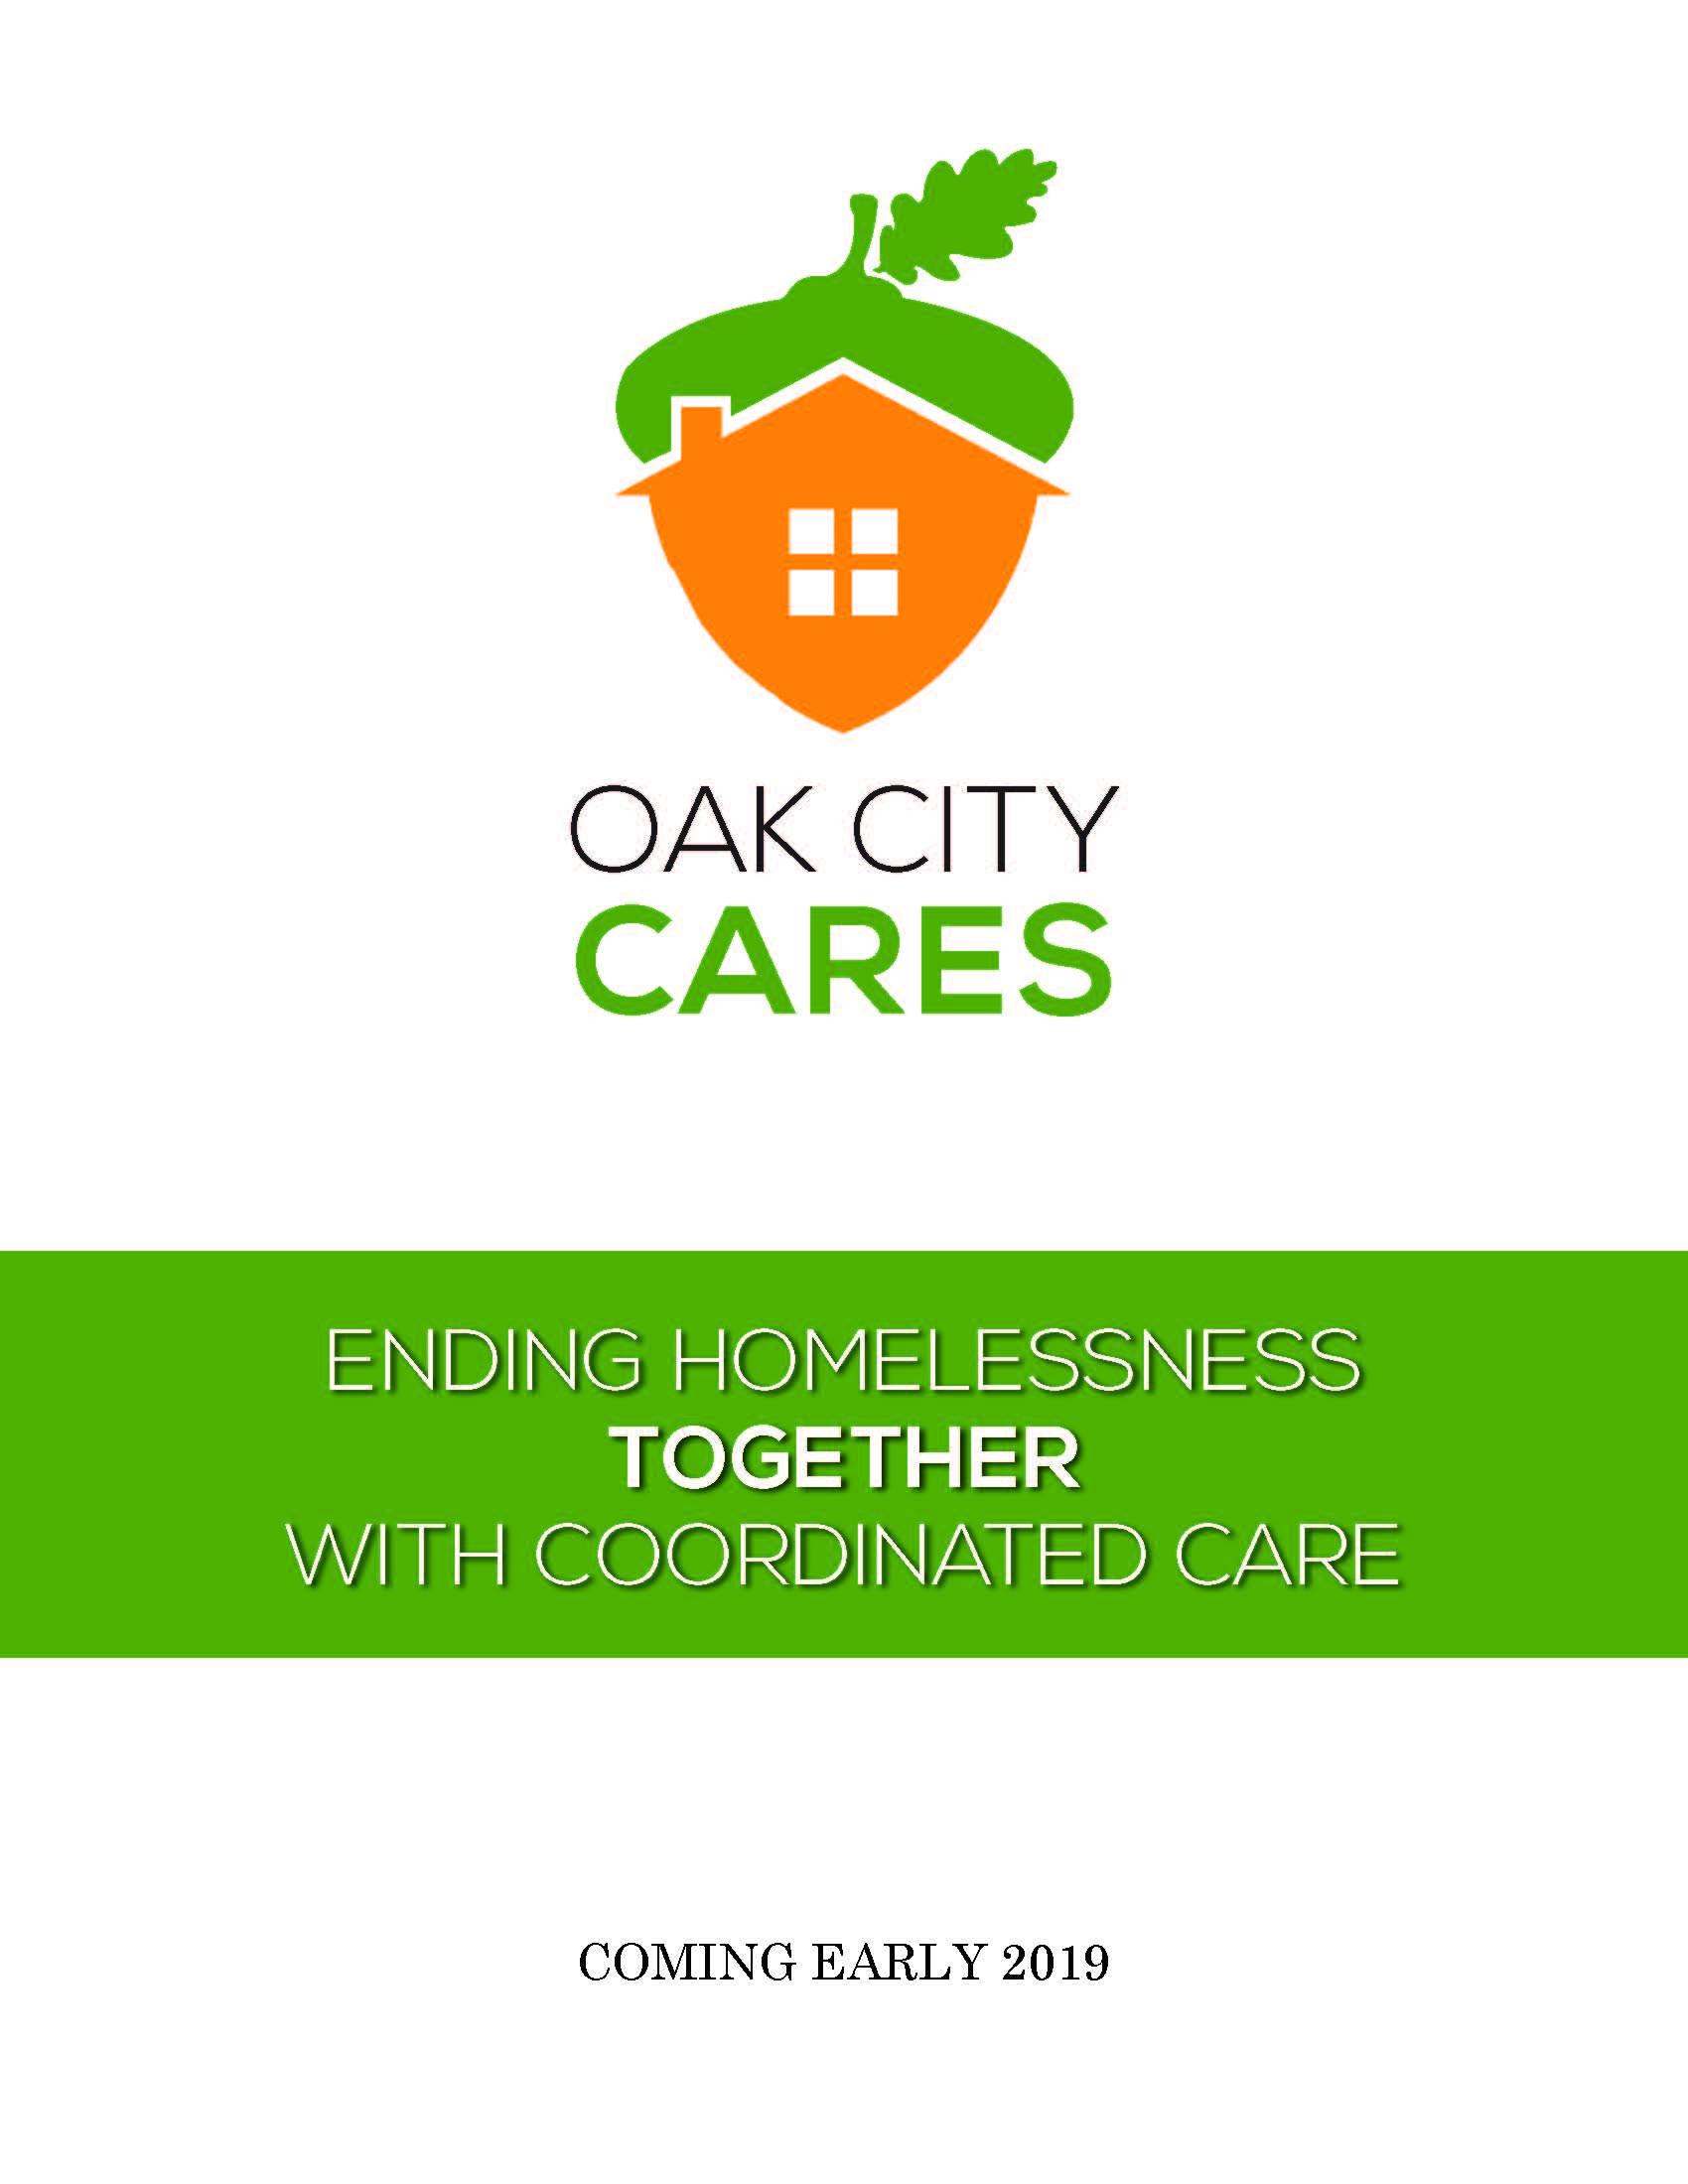 Oak City Cares Case Statement